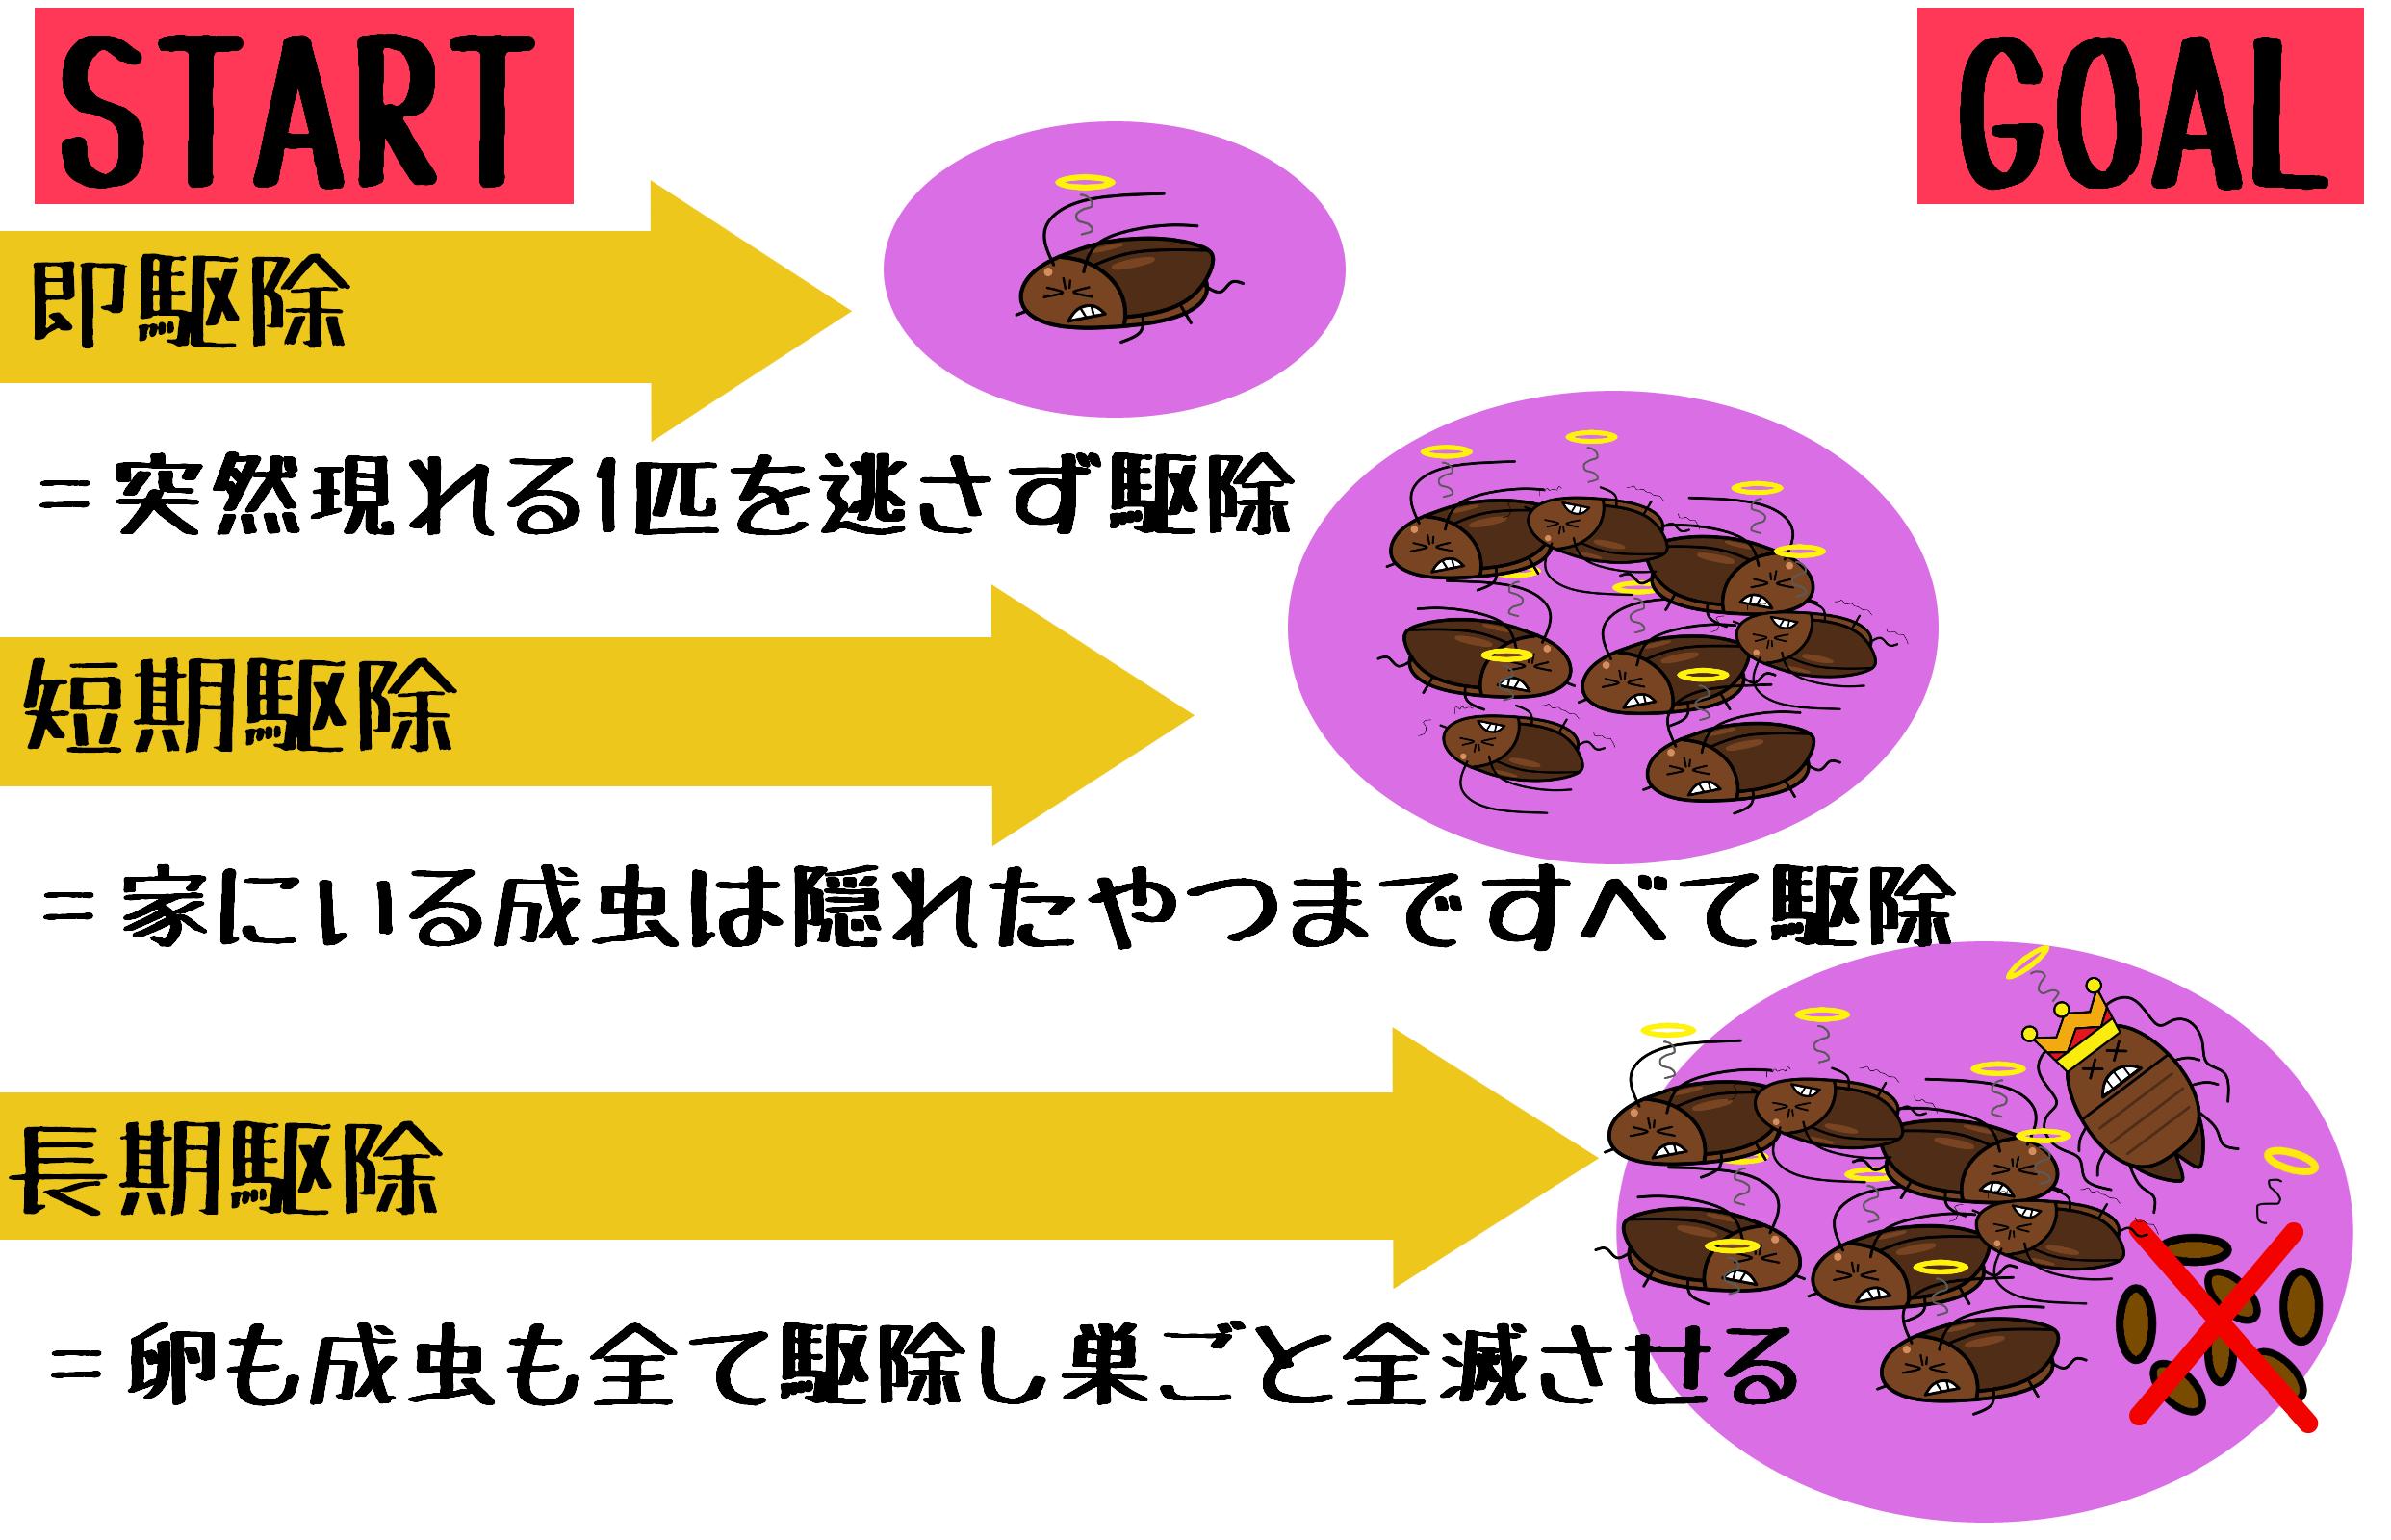 1 殺虫剤は「即駆除」「短期駆除」「長期駆除」から選んで決めよう!